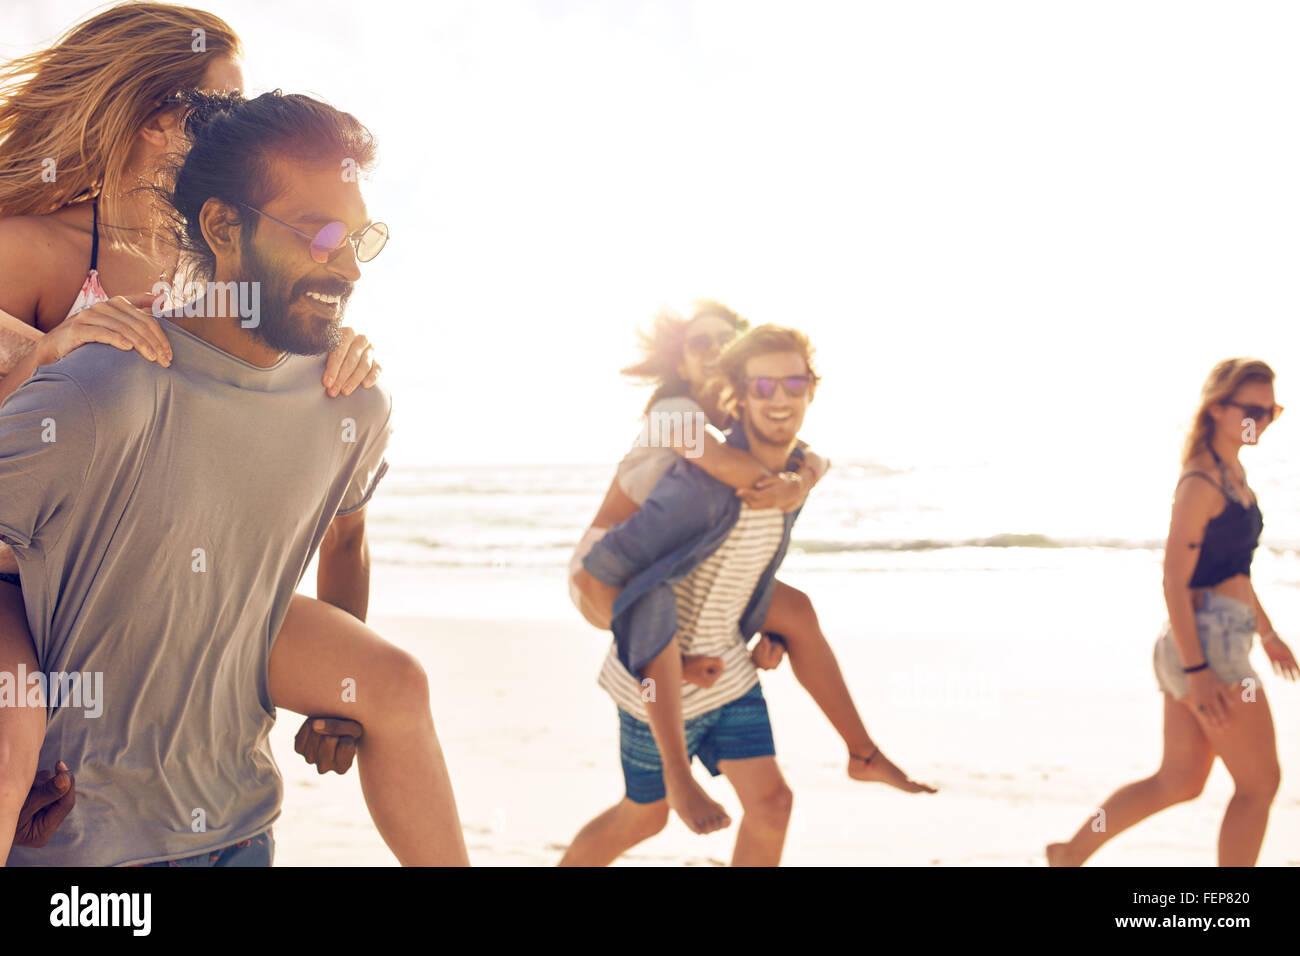 Gruppo di amici divertendosi sulla spiaggia, giovani uomini piggybacking donne sulla riva del mare. Razza mista Immagini Stock